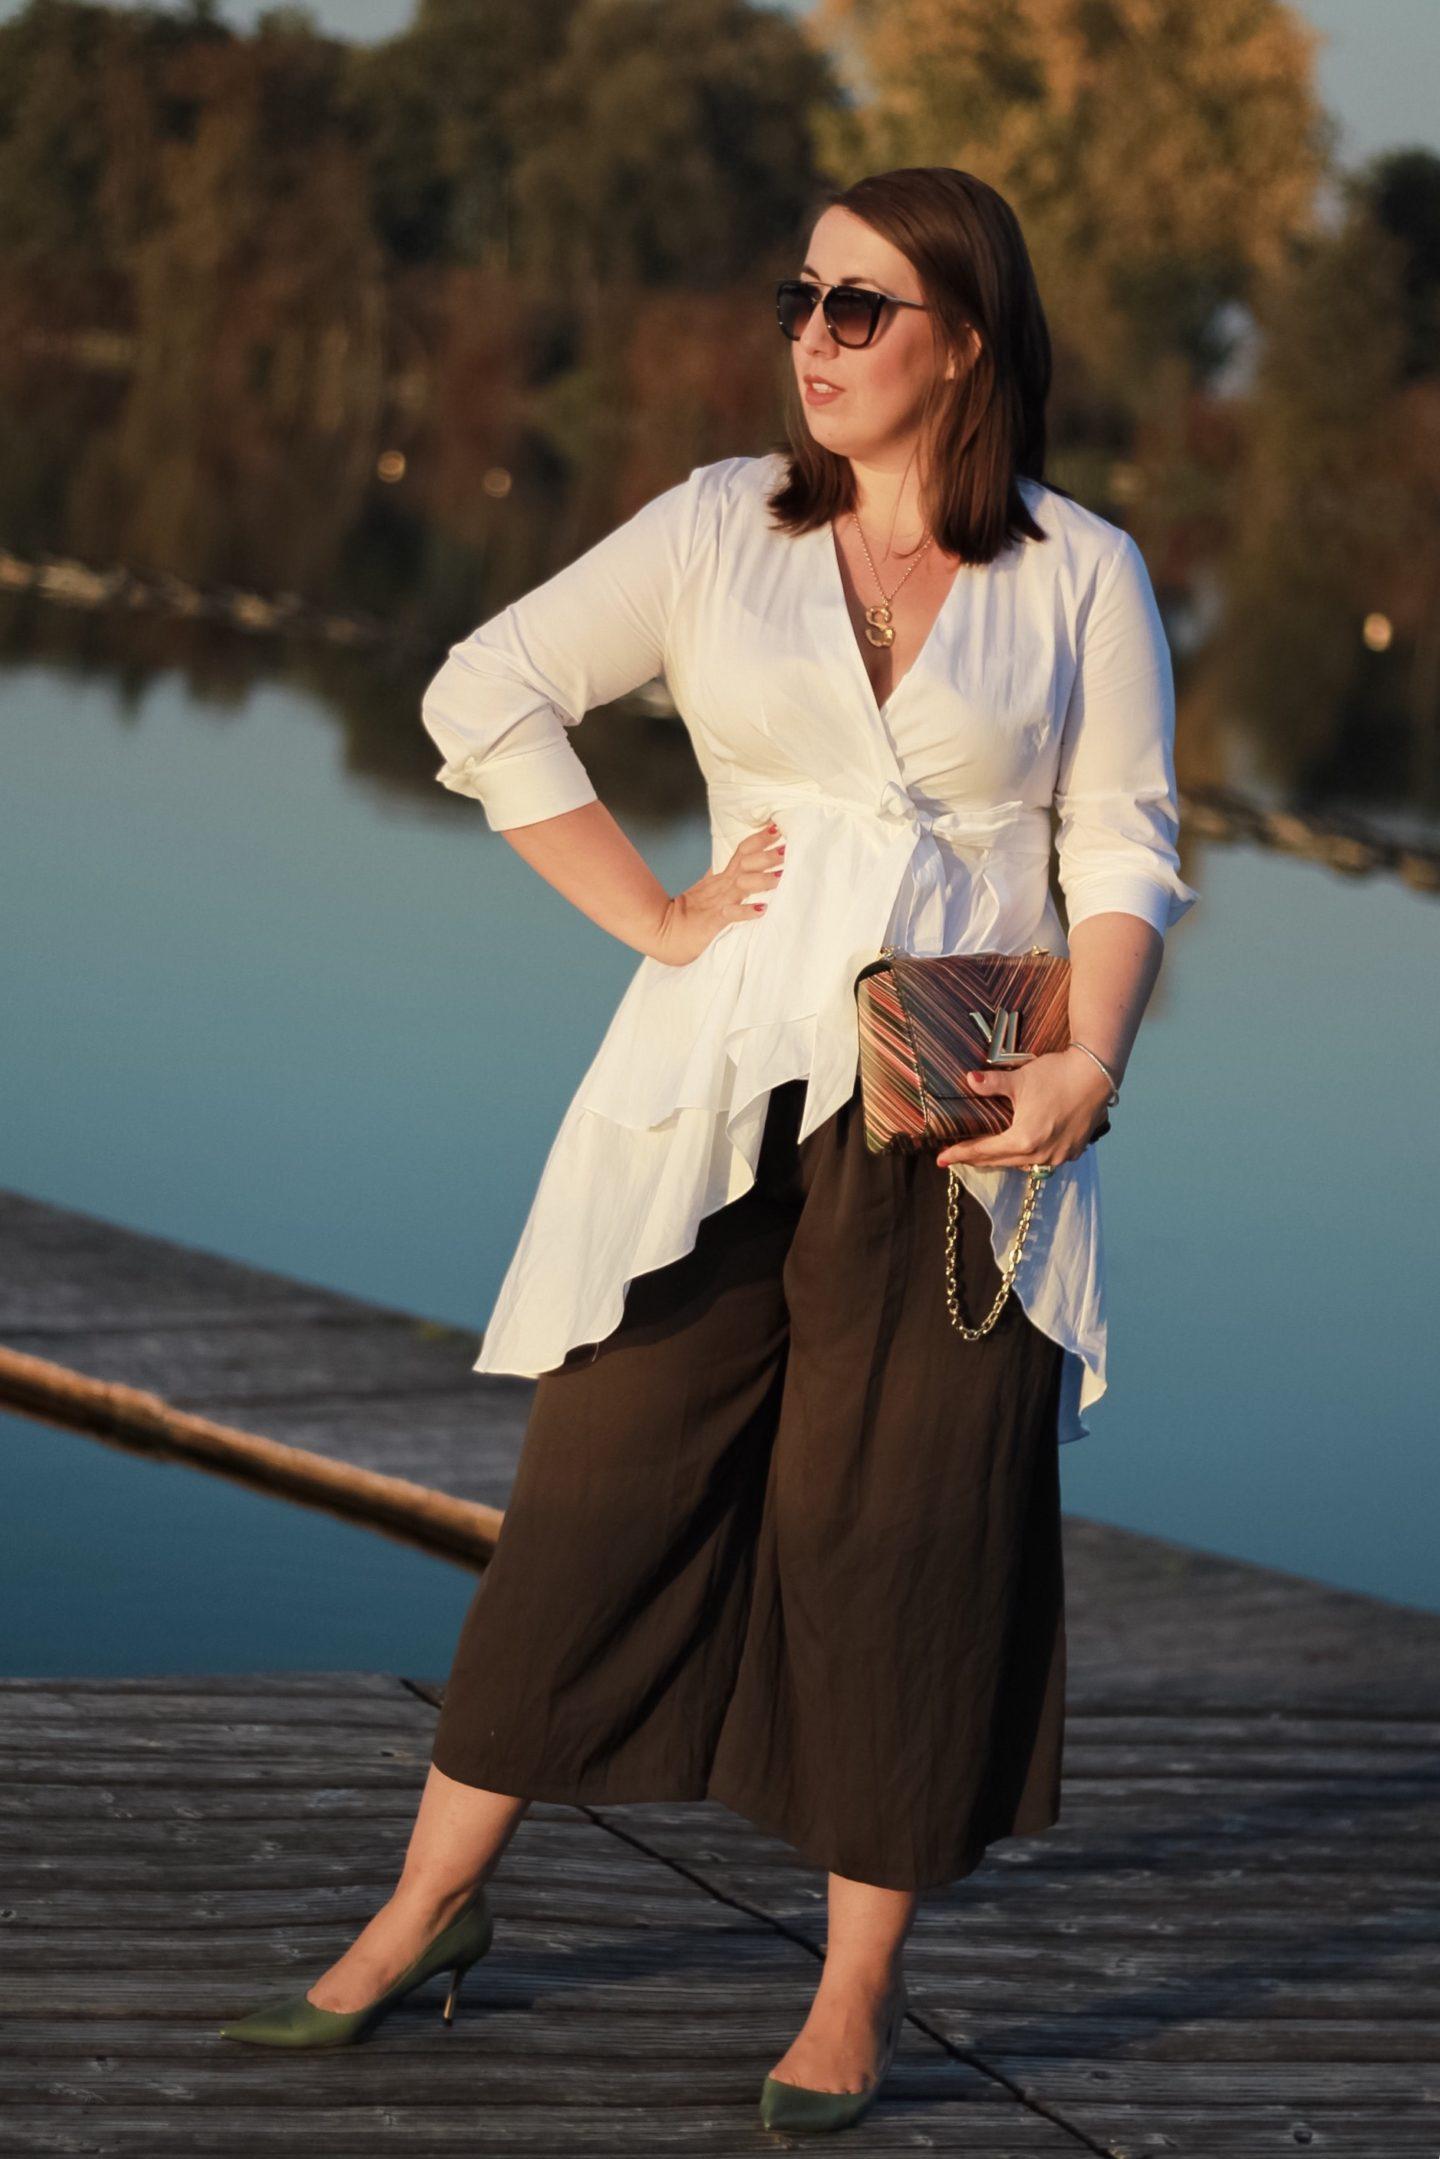 Herbst-Outfit-Asymmetrische-Zara-Bluse-Culotte-Oversize-Cardigan-Louis-Vuitton-Twist-Susanne-Heidebach-Miss-Suzie-Loves